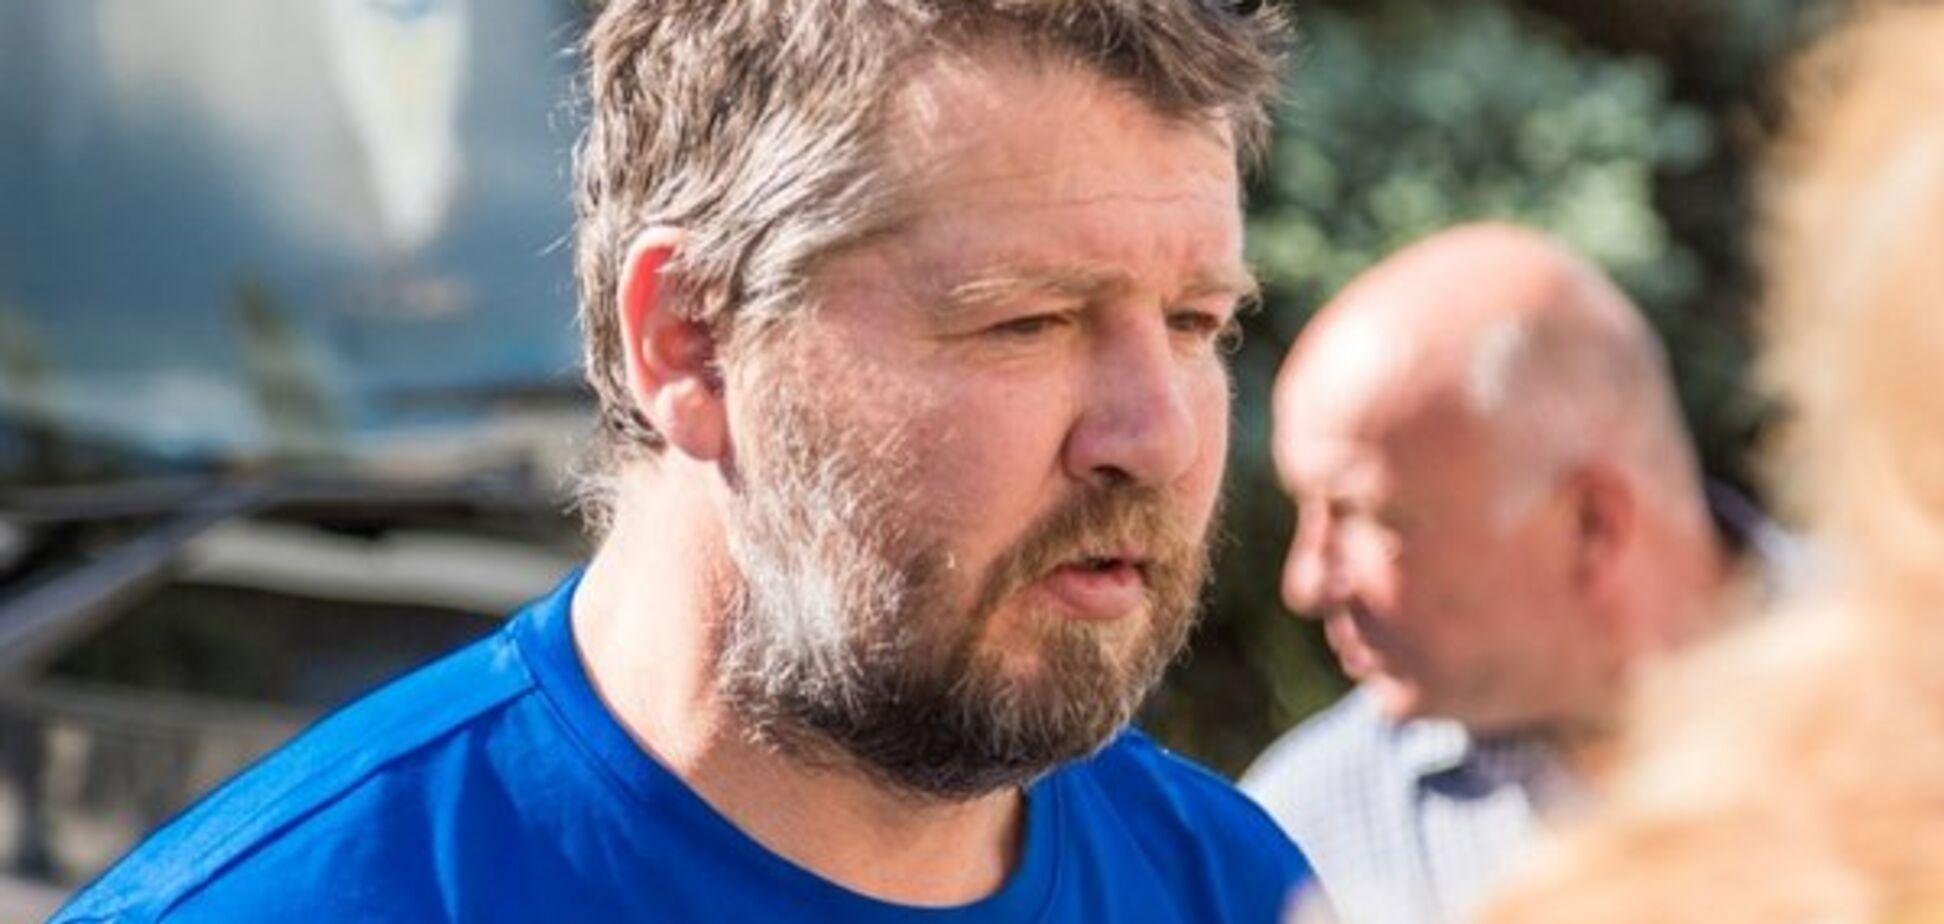 'Люди озлоблены': Саленко рассказал РосСМИ об уставших от 'окопной возни' украинцах